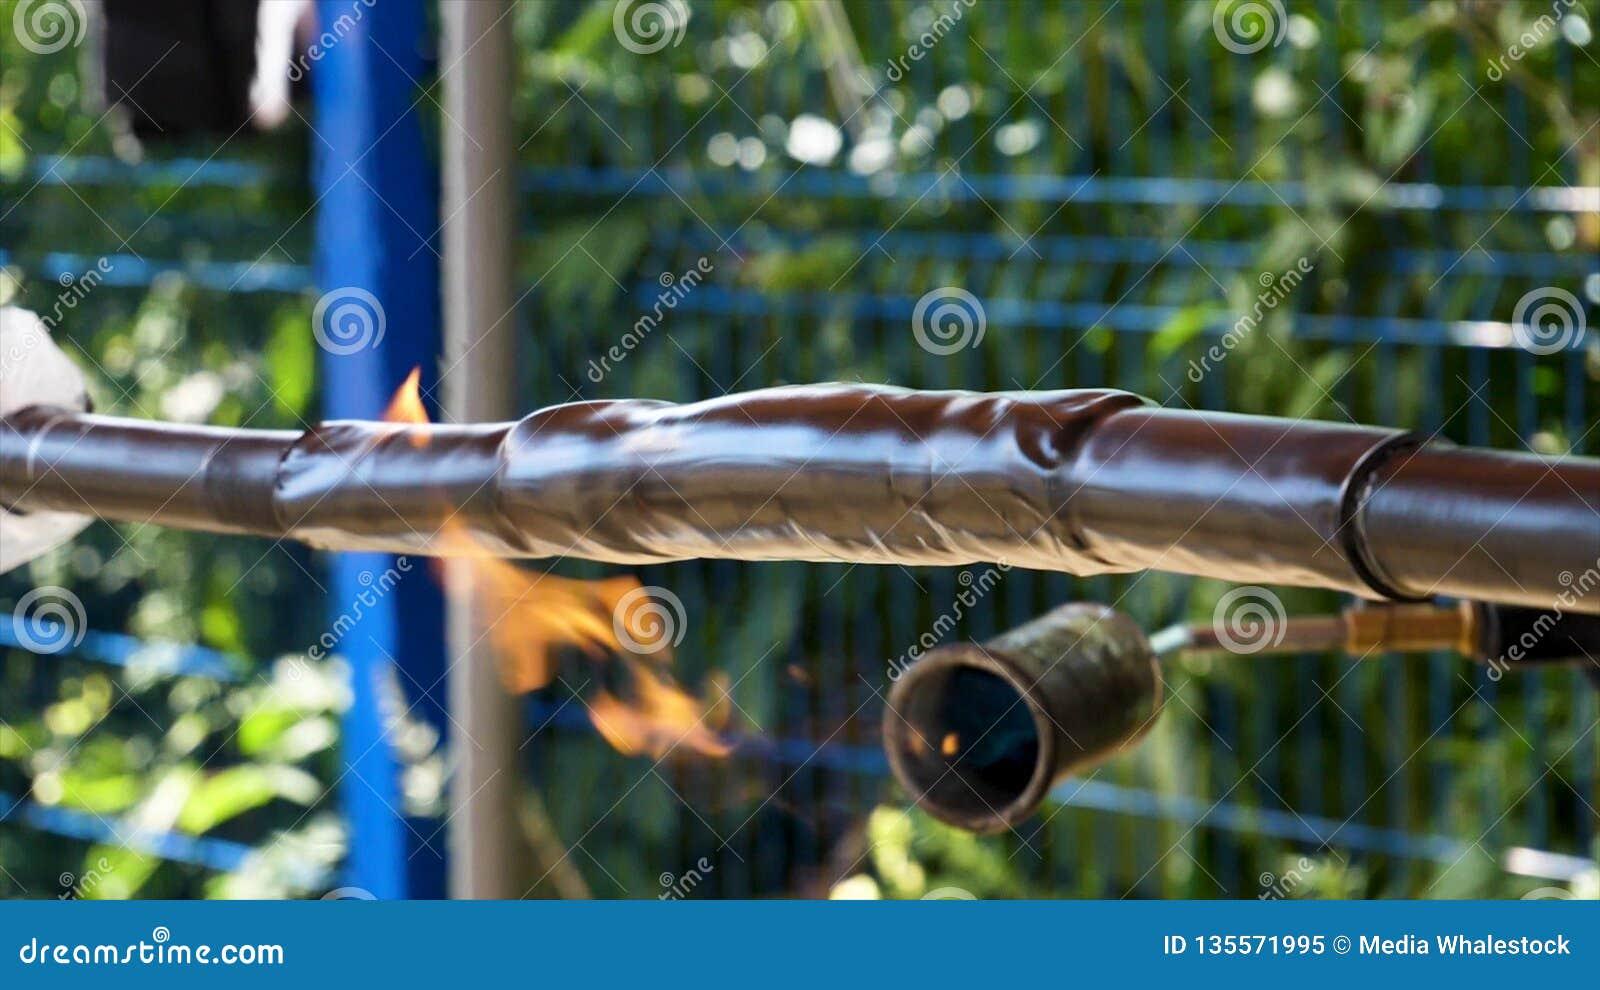 Κλείστε επάνω γιατί η θερμότητα συρρικνώνεται τη σωλήνωση για την προστασία της απομόνωσης καλωδίων Πλαίσιο Προστασία και απομόνω